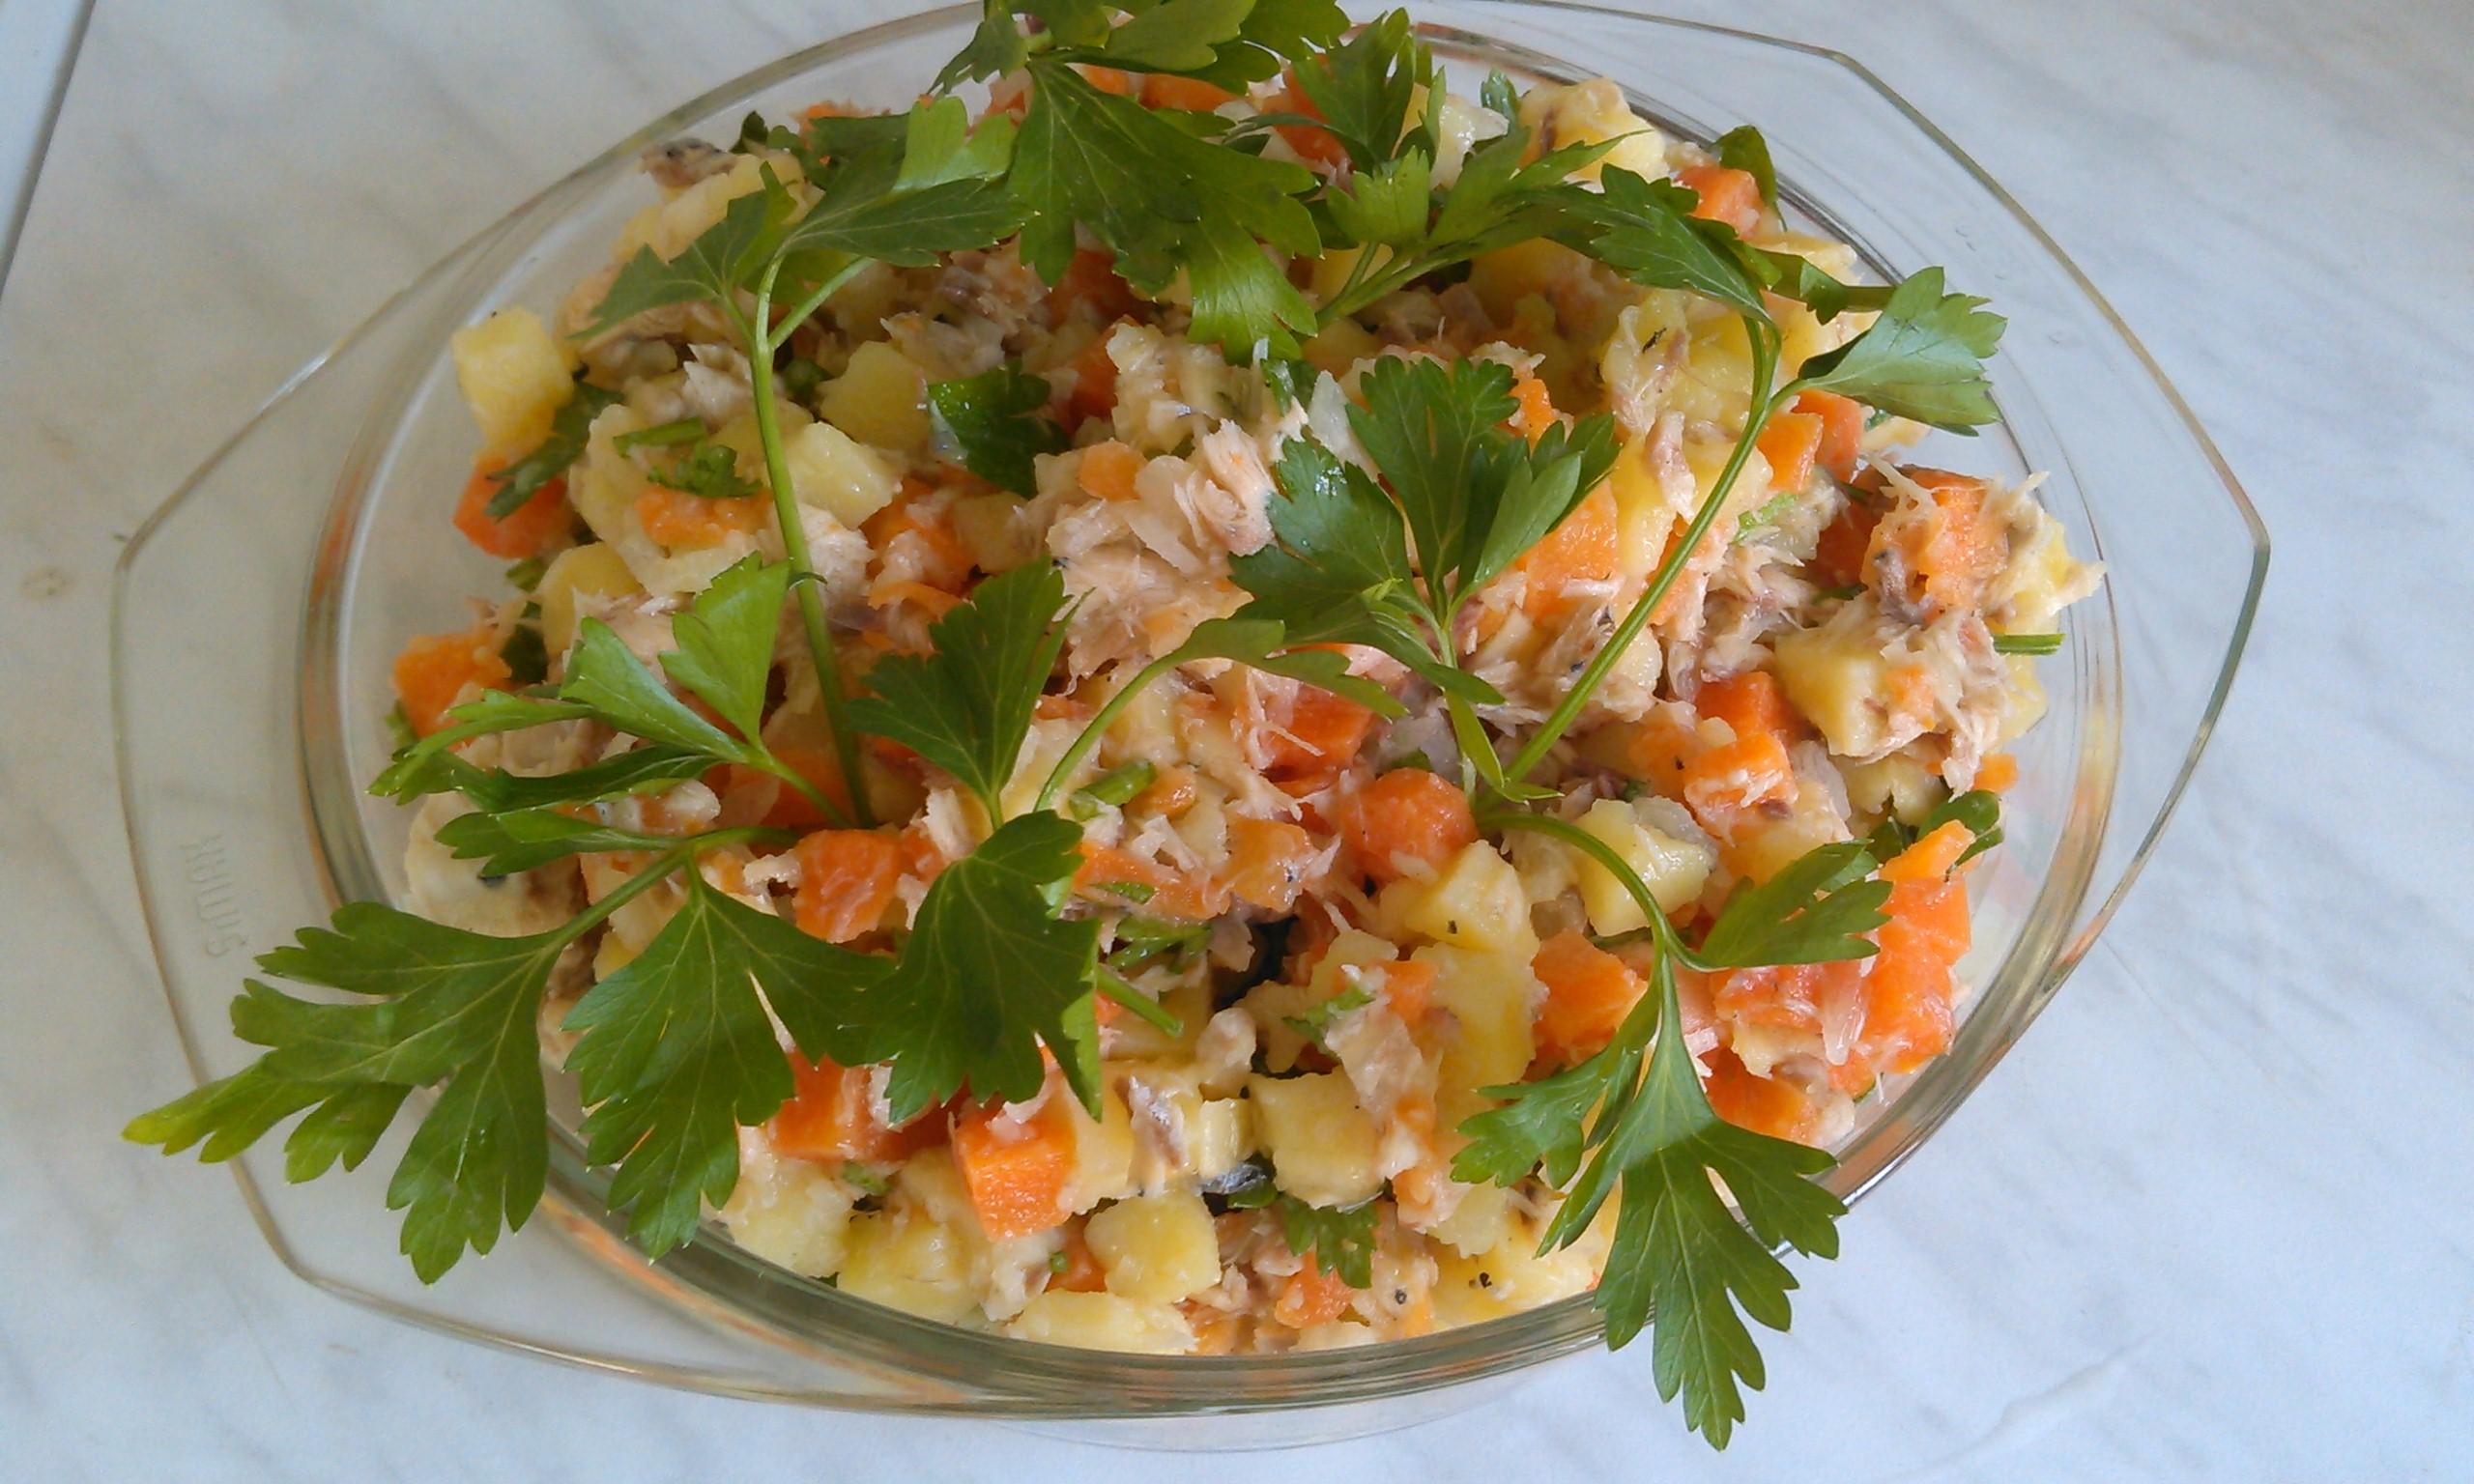 Современные рецепты позволяют использовать для приготовления таких блюд практически любые виды рыбных продуктов: консервы, вареную, копченую, соленую, маринованную и даже сырую рыбу.